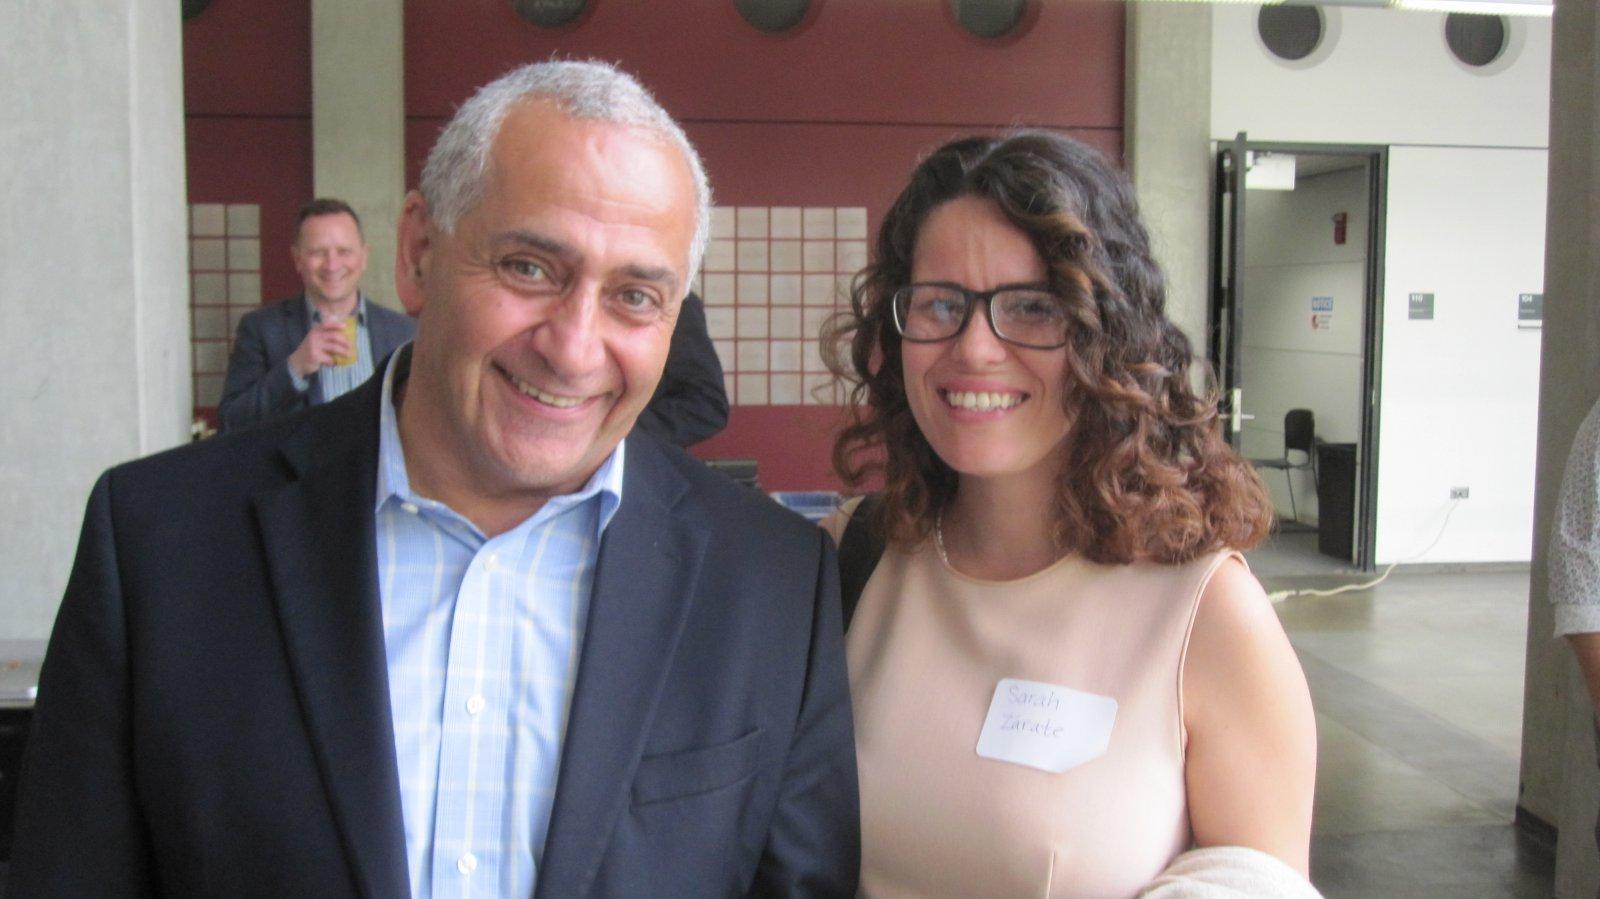 Ghassan Korban and Sarah Zarate